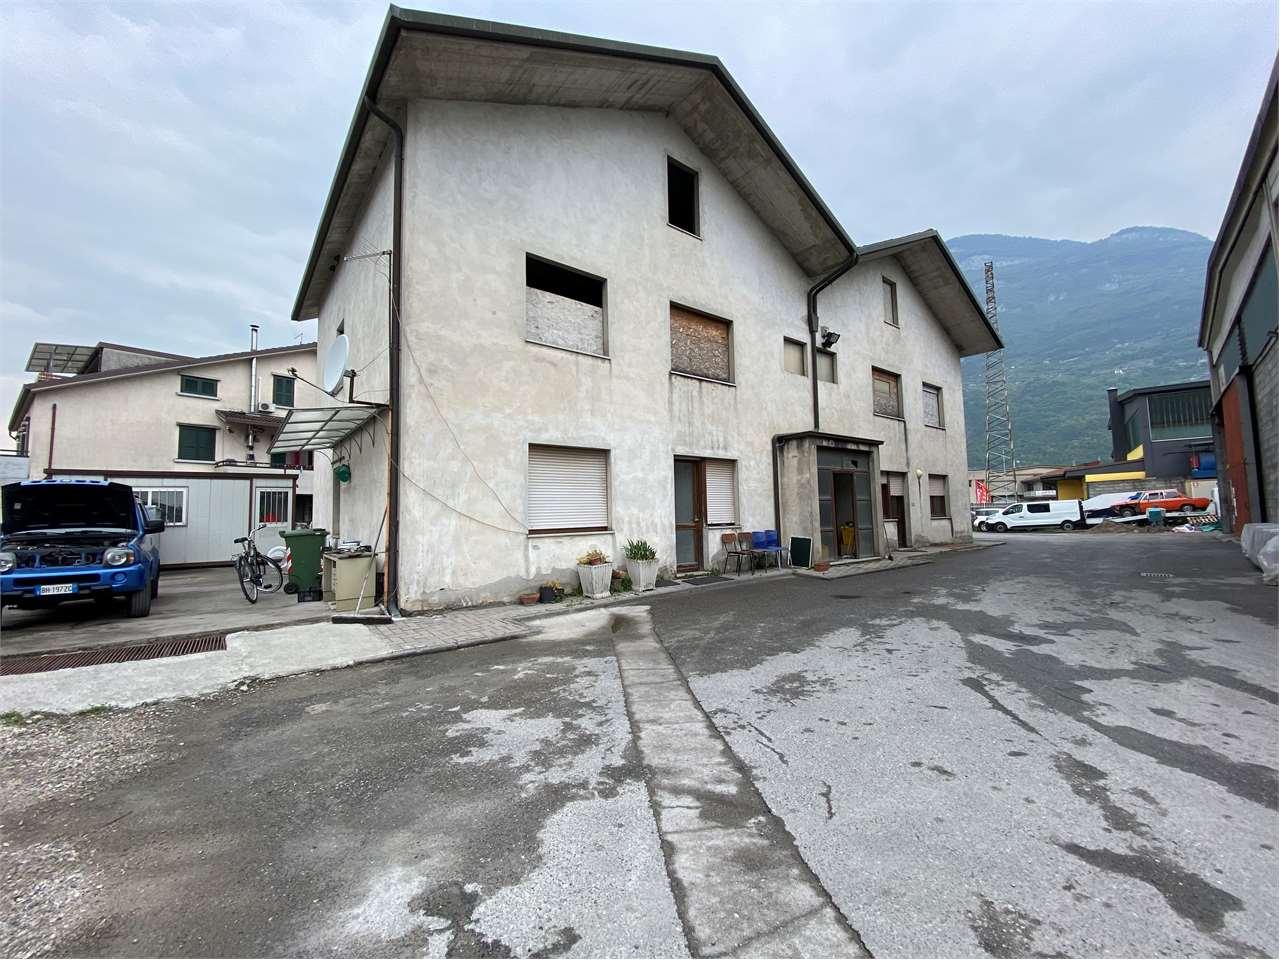 Ufficio / Studio in vendita a Esine, 12 locali, zona Zona: Plemo, prezzo € 179.000 | CambioCasa.it